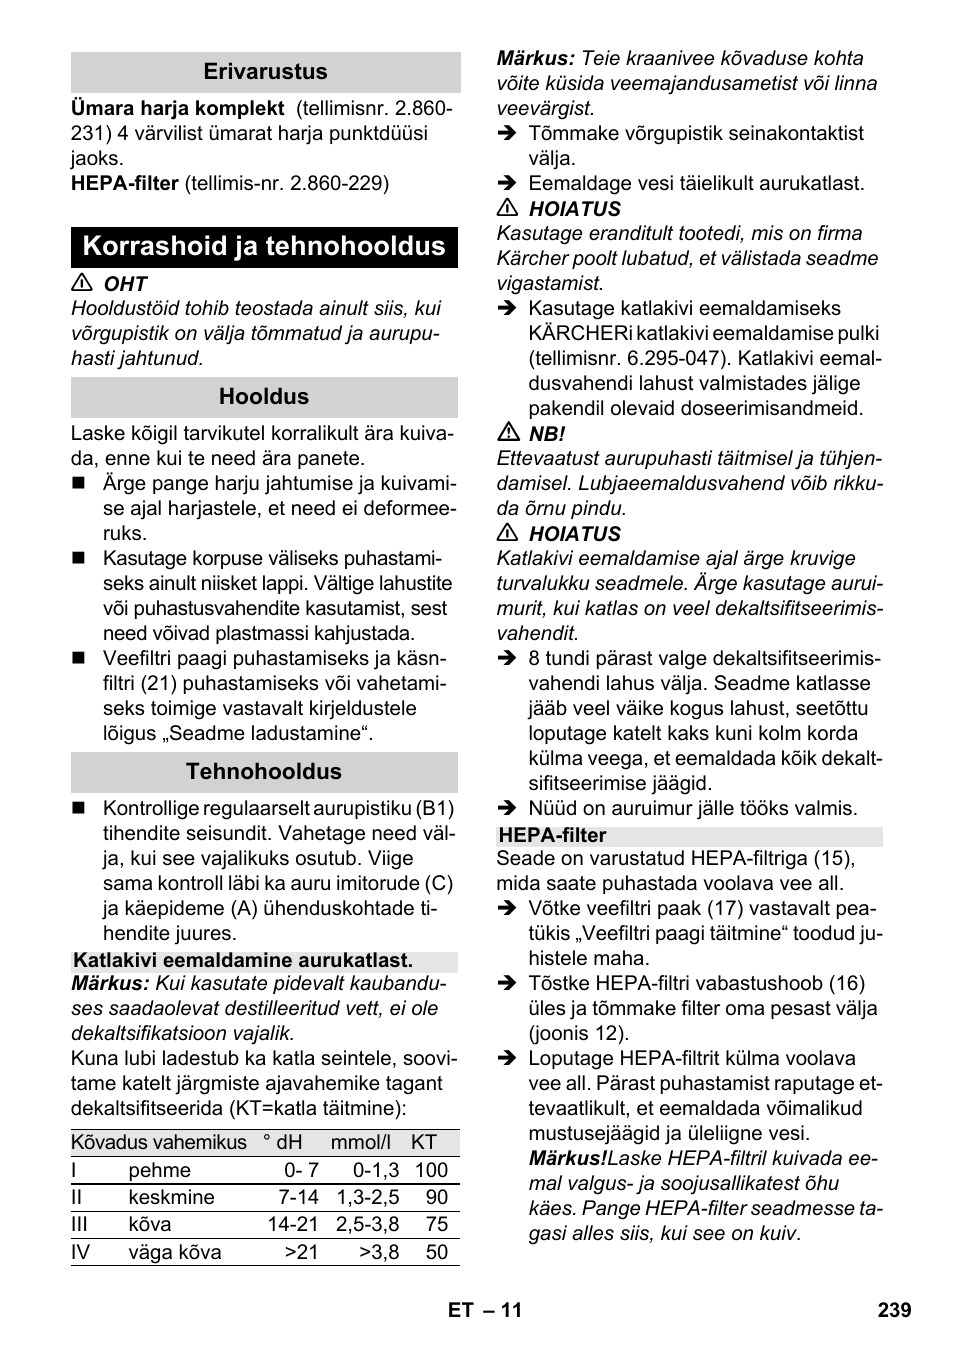 e6bfc0c7489 Korrashoid ja tehnohooldus   Karcher SV 1802 User Manual   Page 239 / 284